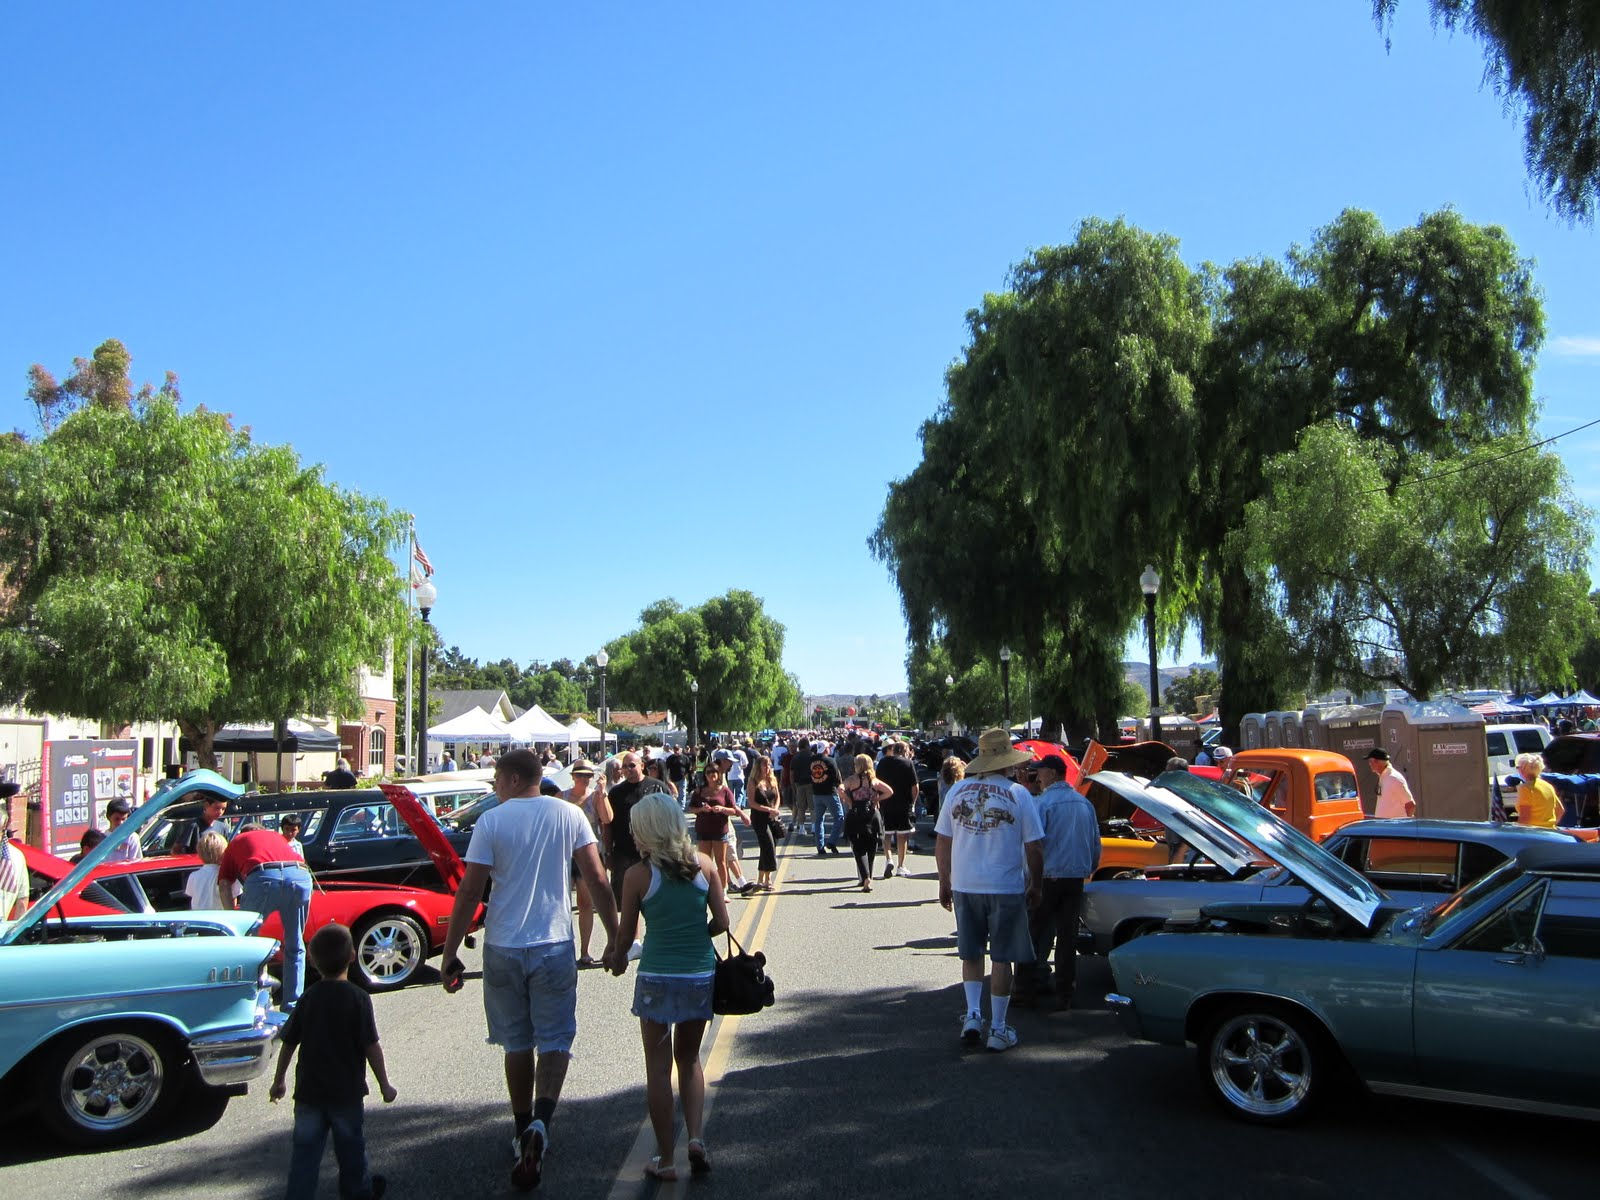 Covering Classic Cars : Roamin\' Relics Car Show: Moorpark, Ca